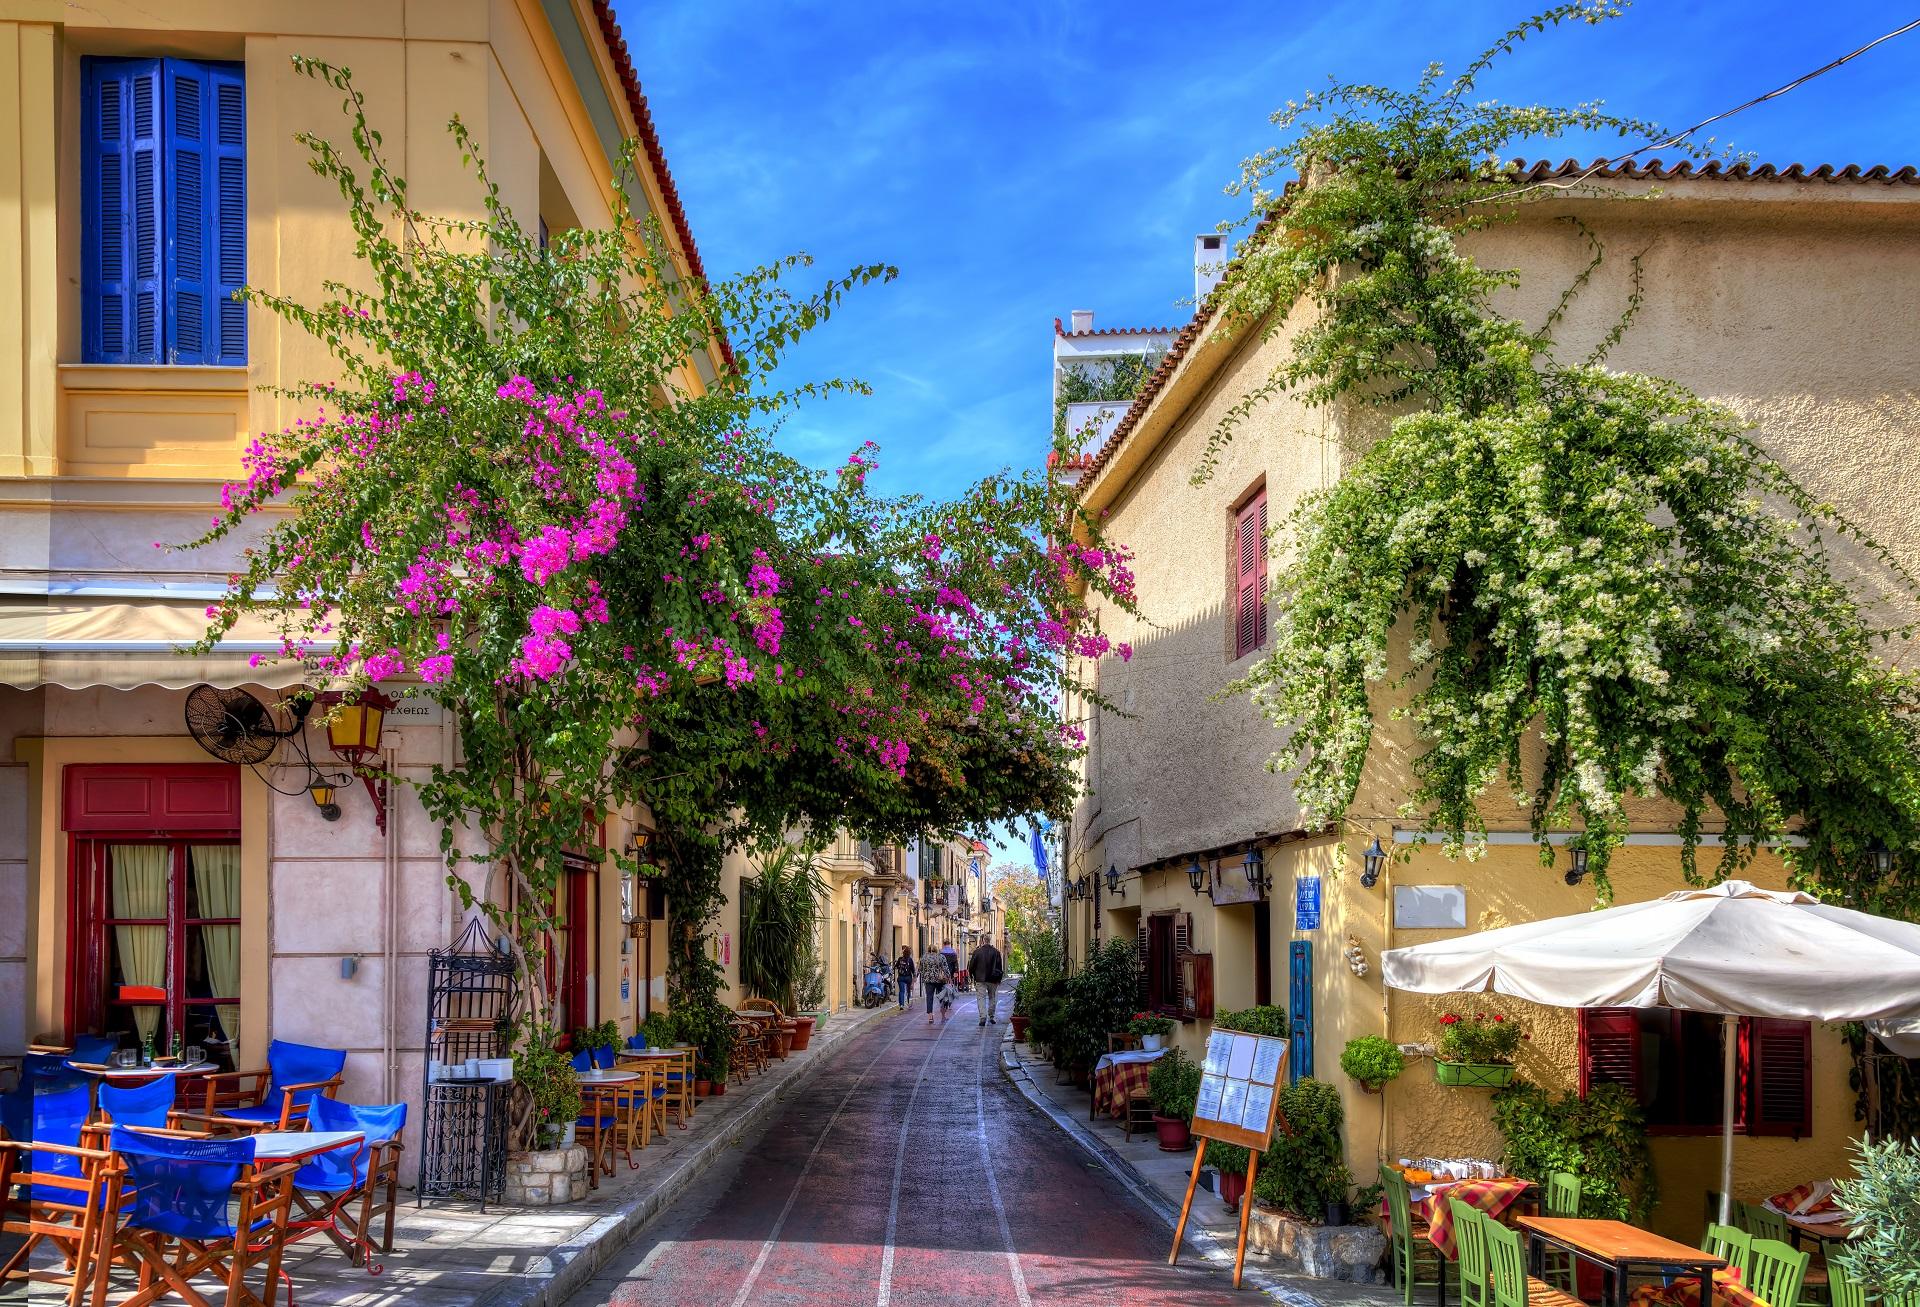 Athen tipps für einen gelungenen städtetrip urlaubsguru